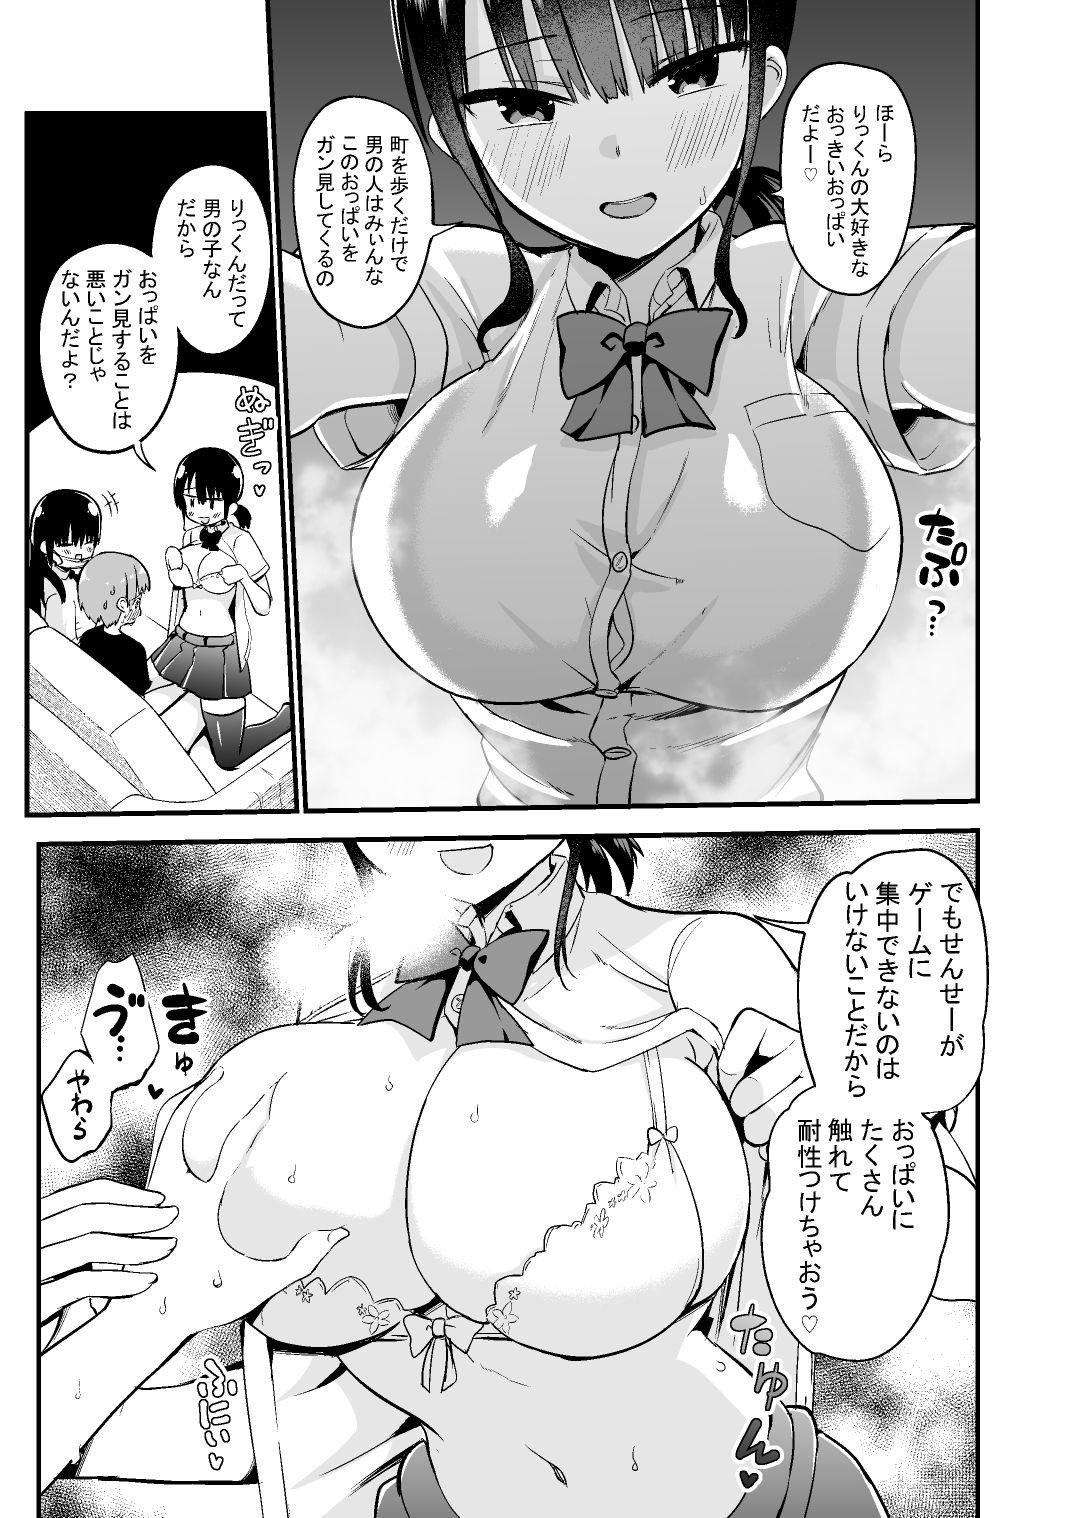 【エロ漫画無料大全集】【爆乳エロ漫画】ゲームが得意な僕に、爆乳のお姉さん2人が弟子入りしてきて…